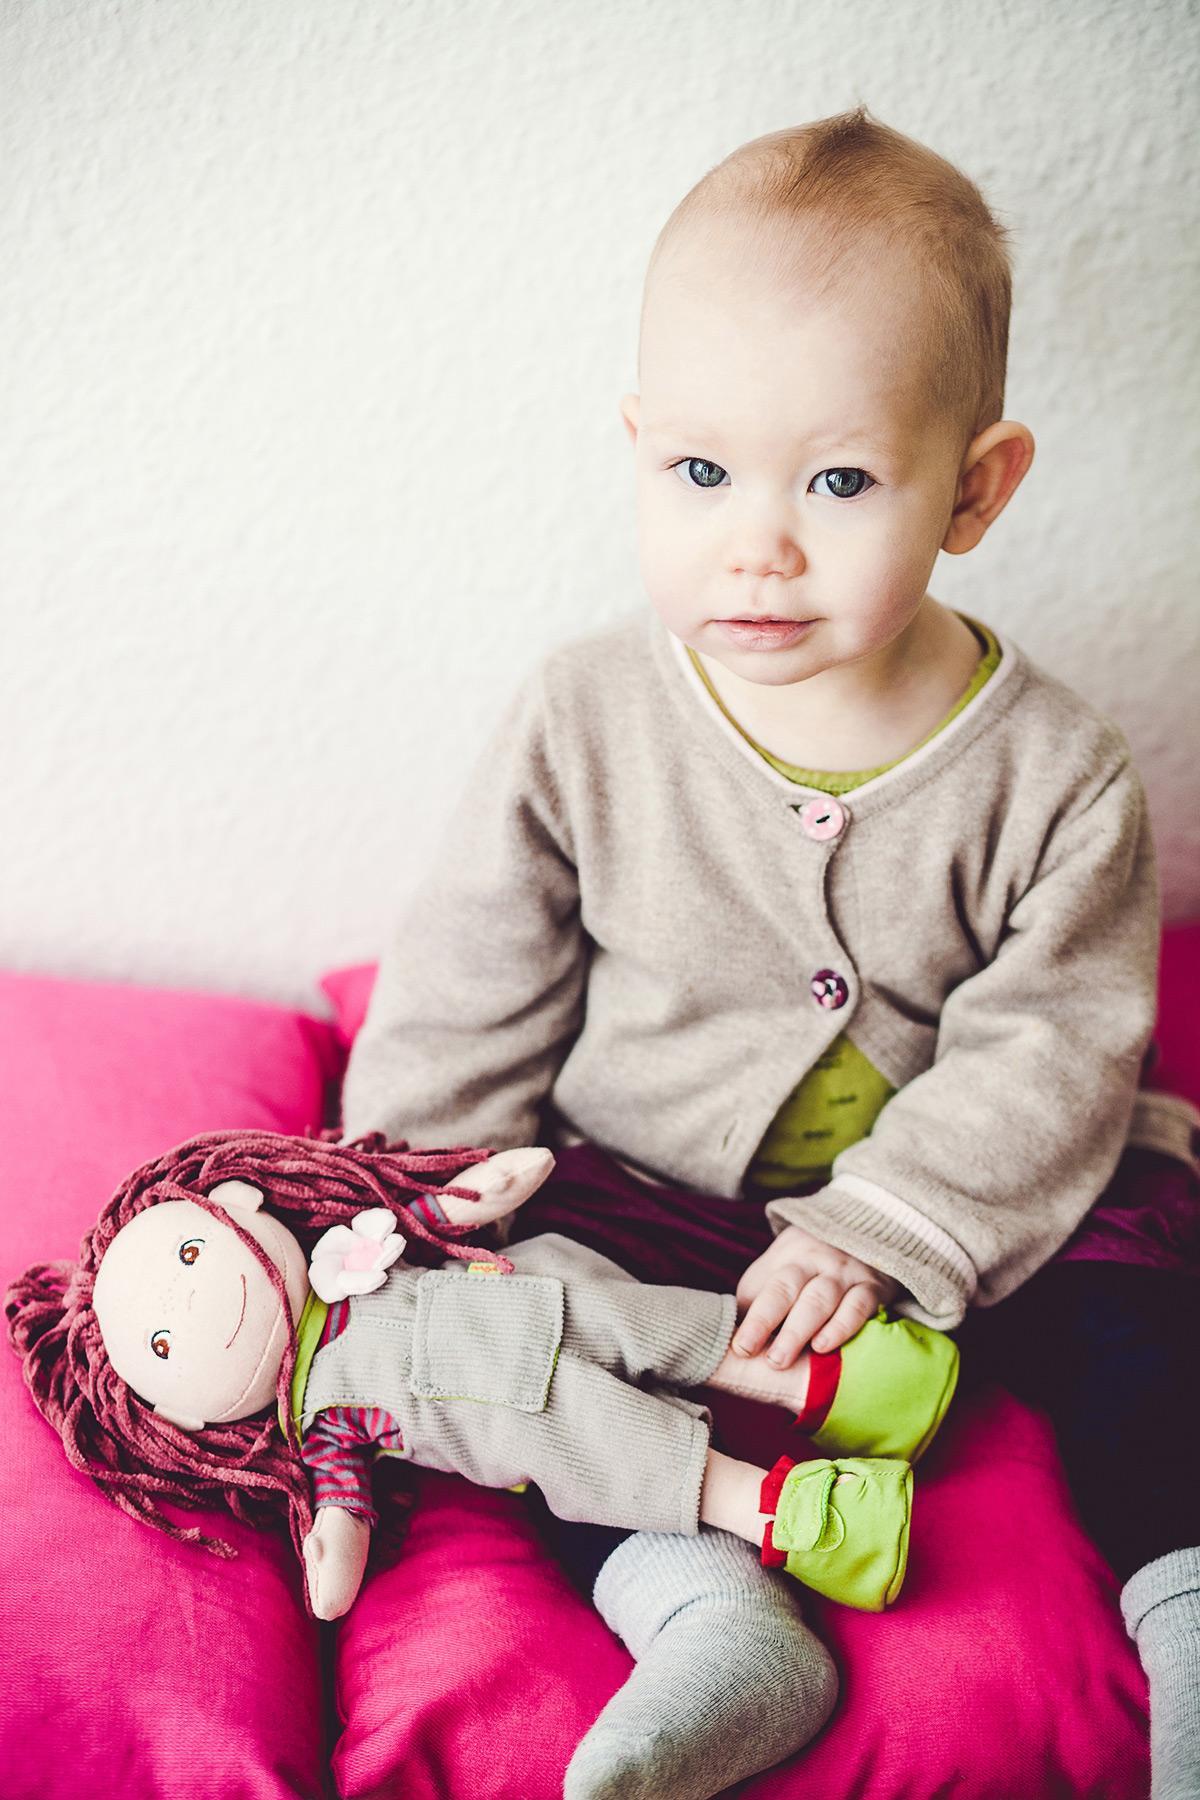 kleines Kind sitzt mit seiner Puppe auf pinkfarbenen Kissen